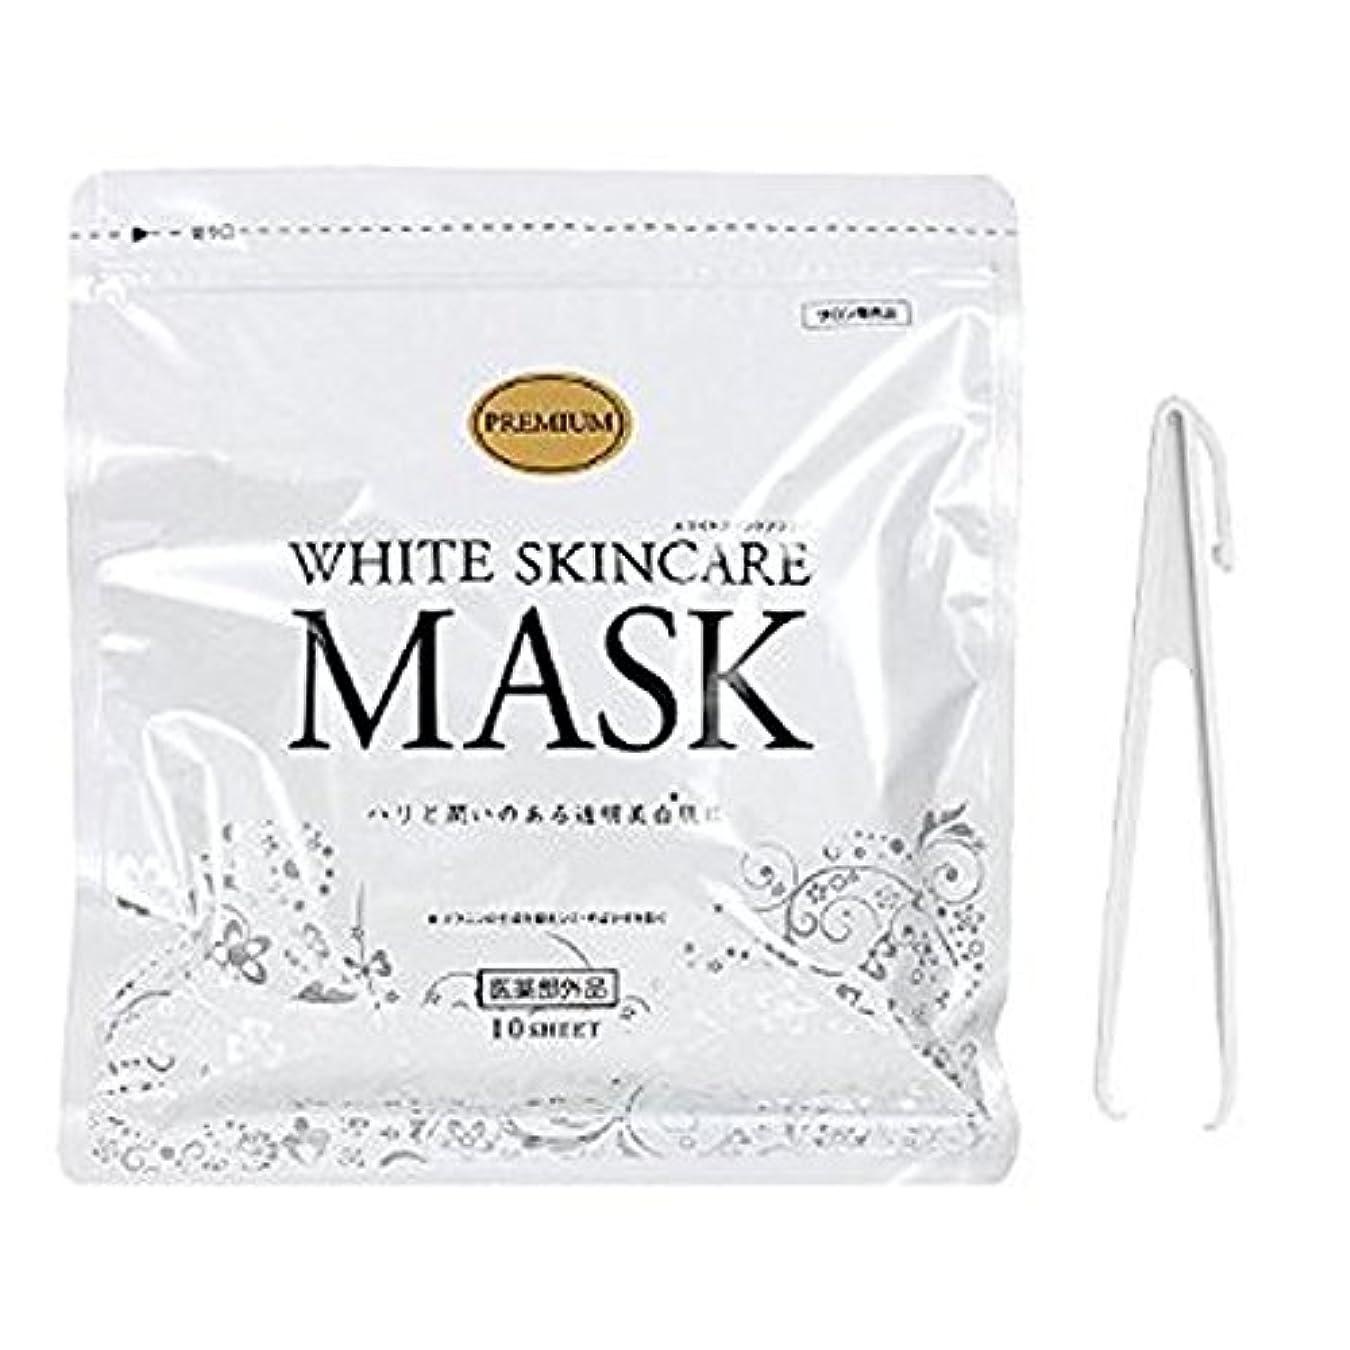 不条理警報ブレンドホワイトスキンケアマスク 10枚入